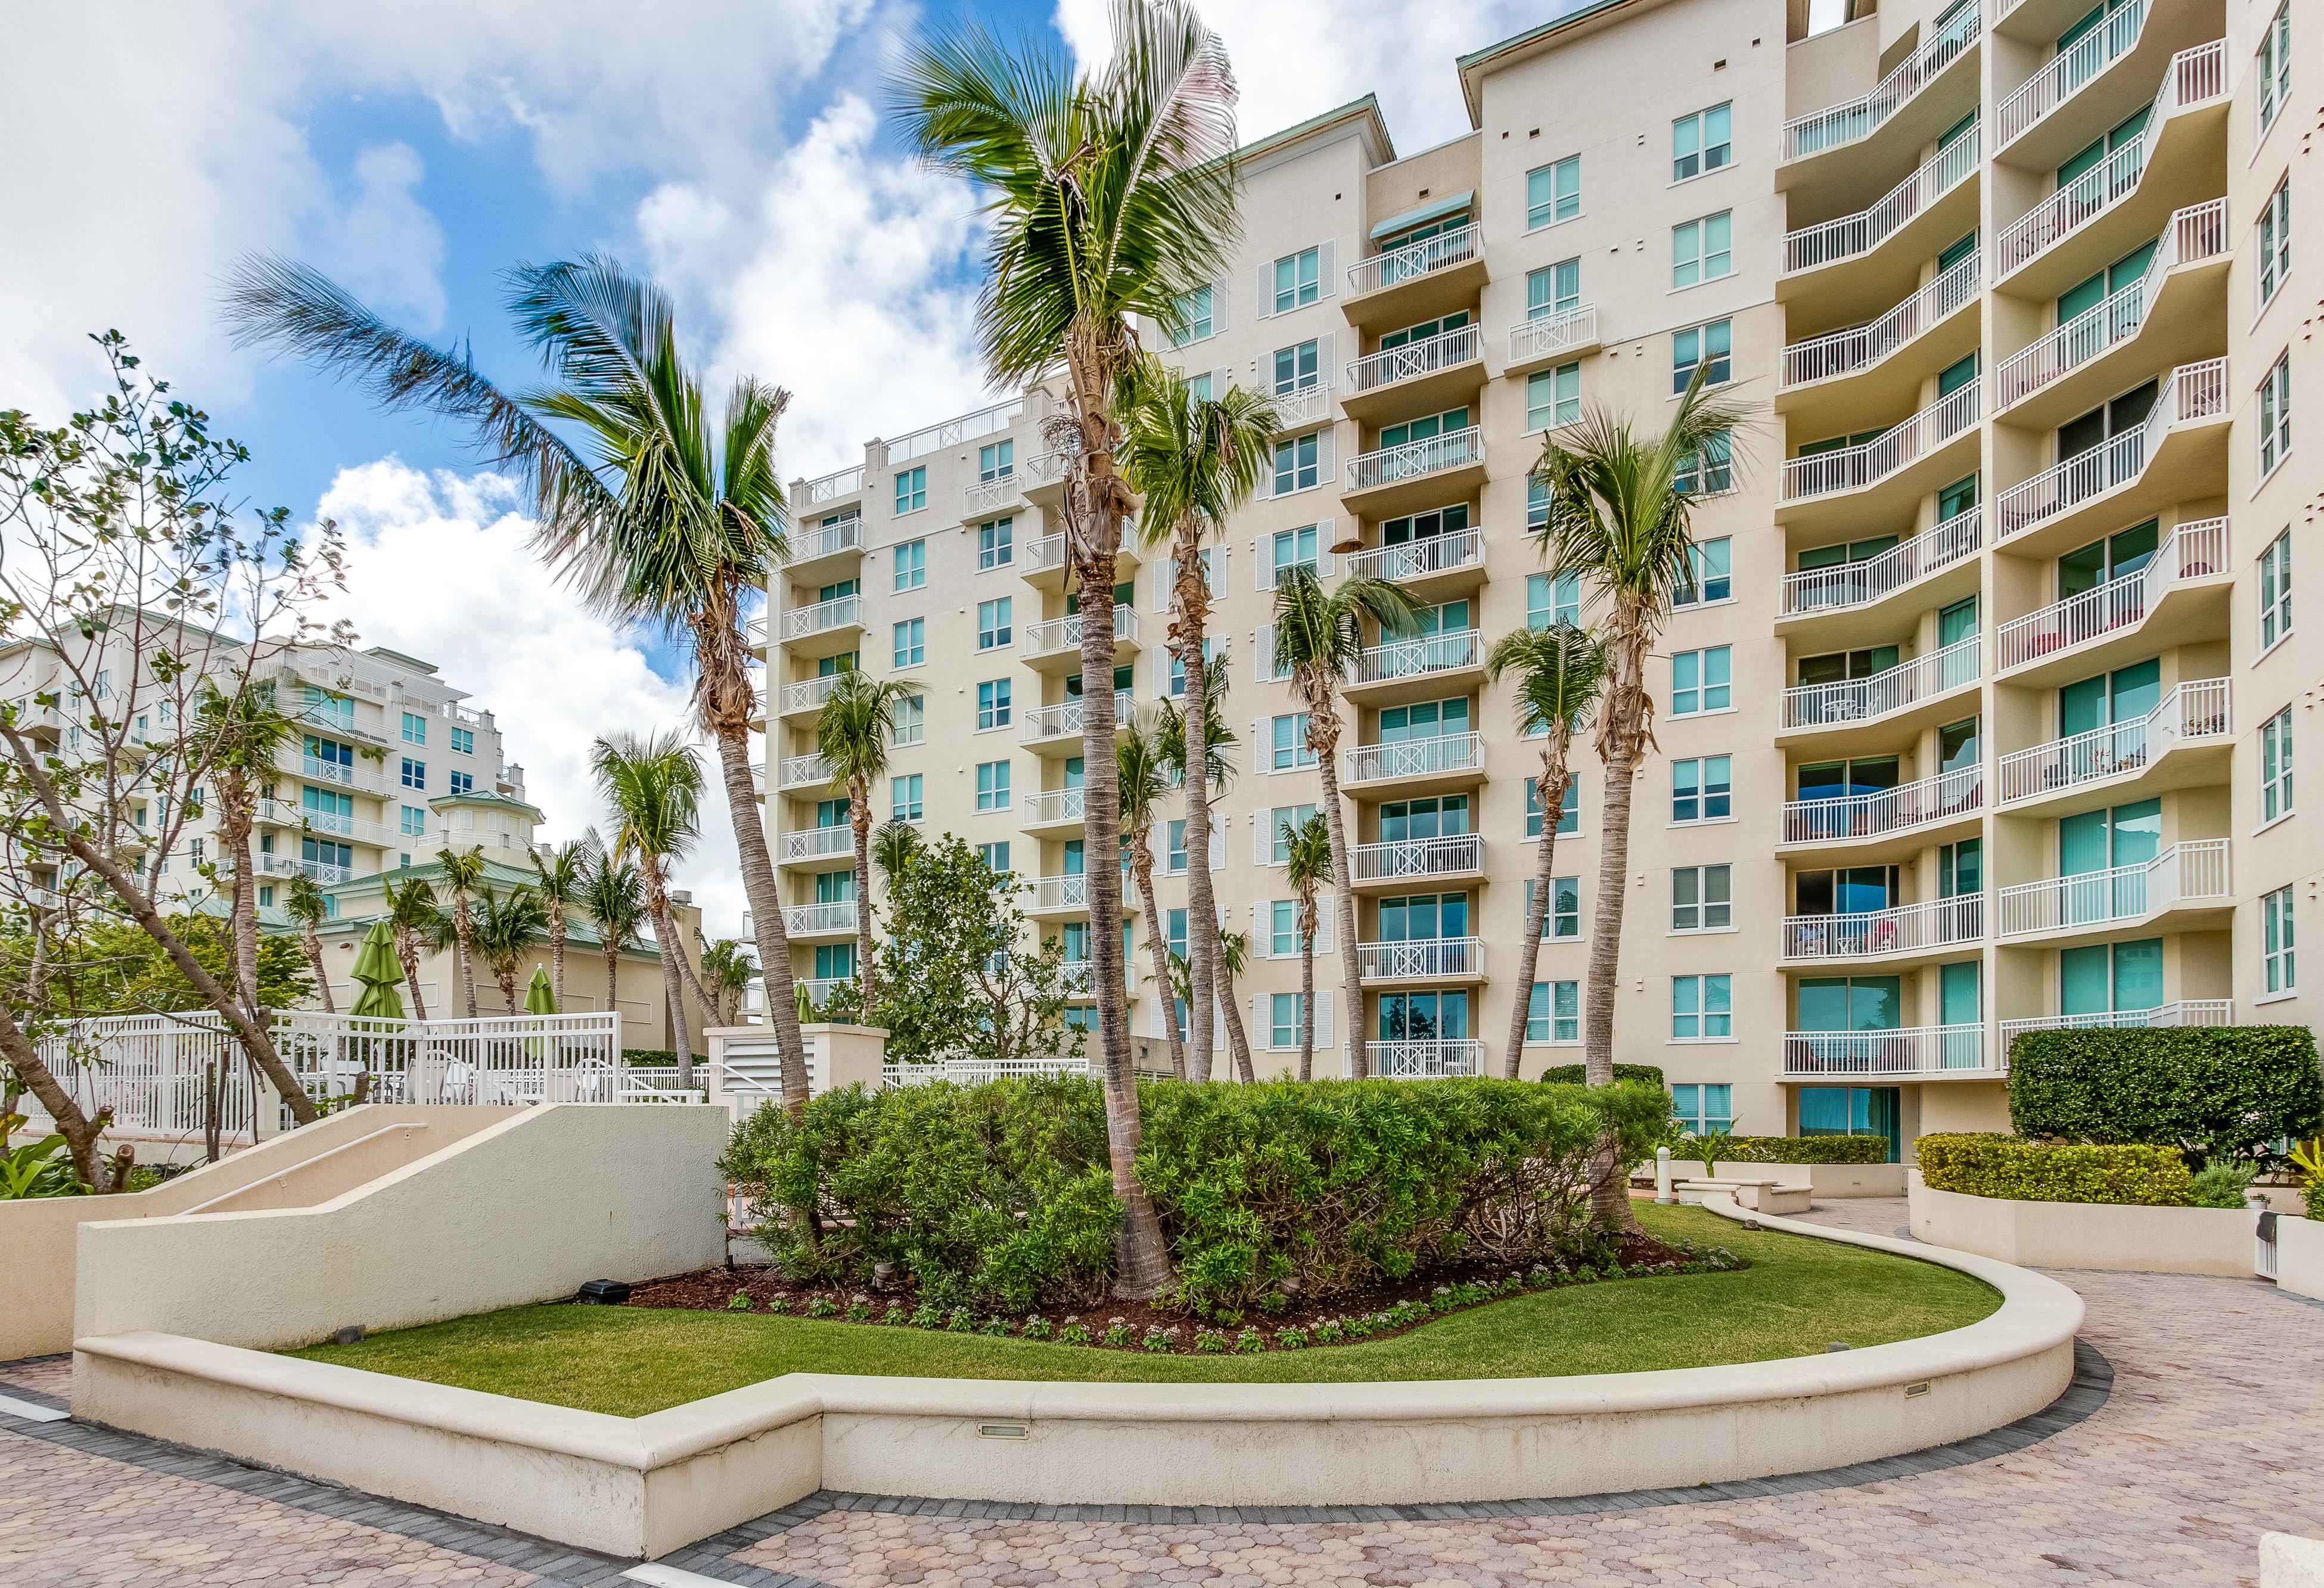 Casa Costa Condos For Sale Boynton Beach Real Estate